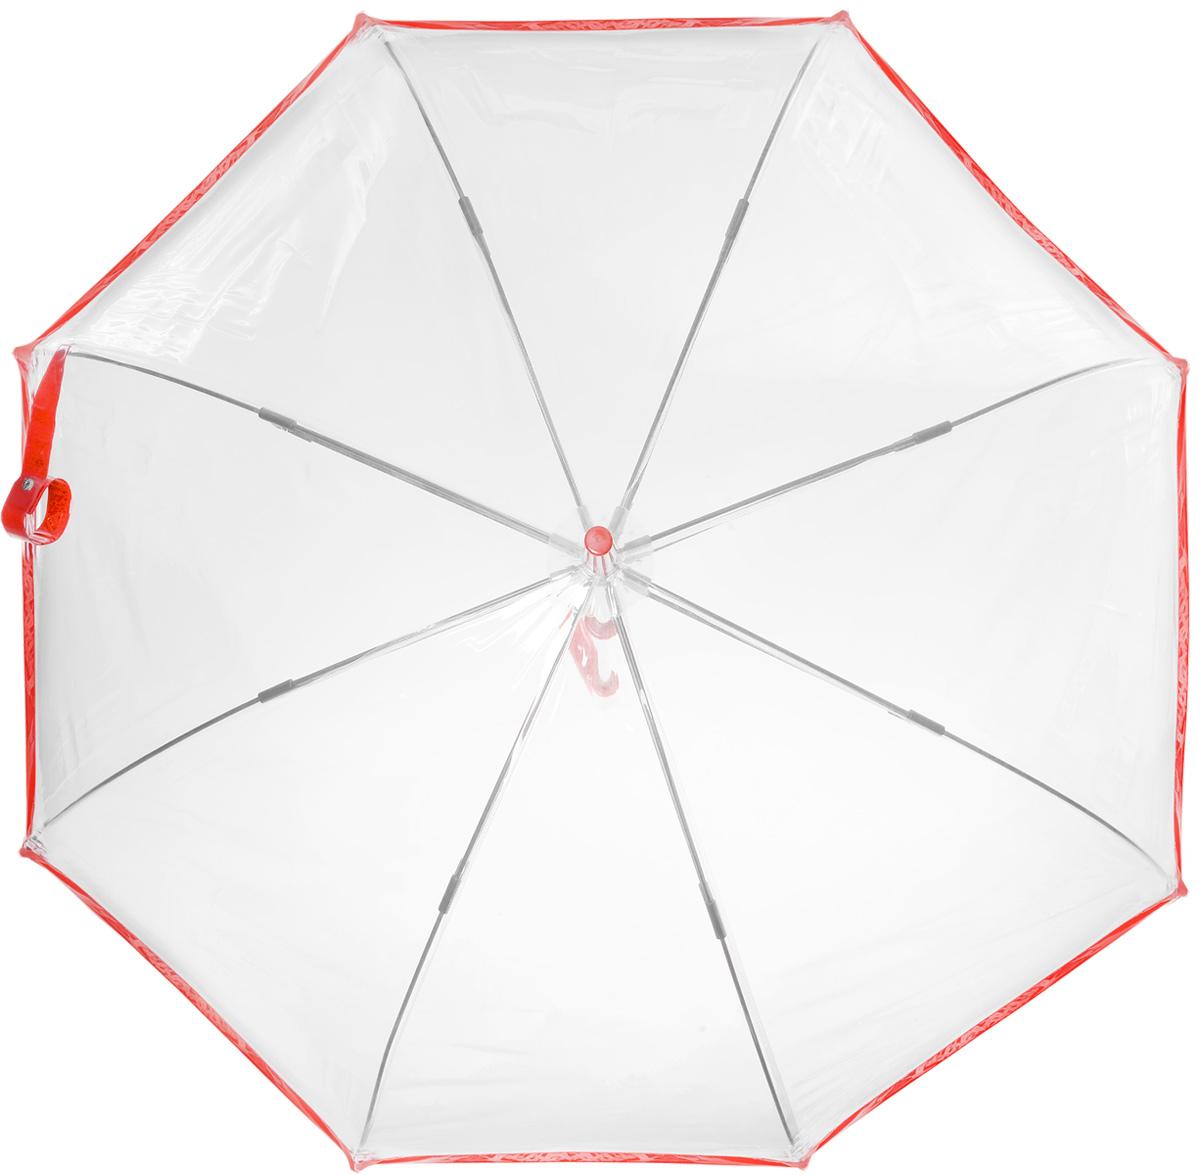 Зонт-трость женский Bird cage, механический, цвет: прозрачный, красныйREM12-GREYСтильный куполообразный зонт-трость Bird cage, закрывающий голову и плечи, даже в ненастную погоду позволит вам оставаться элегантной. Каркас зонта выполнен из 8 спиц из фибергласса, стержень изготовлен из стали. Купол зонта выполнен из прозрачного ПВХ. Рукоятка закругленной формы разработана с учетом требований эргономики и изготовлена из пластика. Зонт имеет механический тип сложения: купол открывается и закрывается вручную до характерного щелчка.Такой зонт не только надежно защитит вас от дождя, но и станет стильным аксессуаром. Характеристики:Материал: ПВХ, сталь, фибергласс, пластик. Диаметр купола: 89 см.Цвет: прозрачный, красный. Длина стержня зонта: 84 см. Длина зонта (в сложенном виде): 94 см.Вес: 540 г.Артикул:L041 1F025.